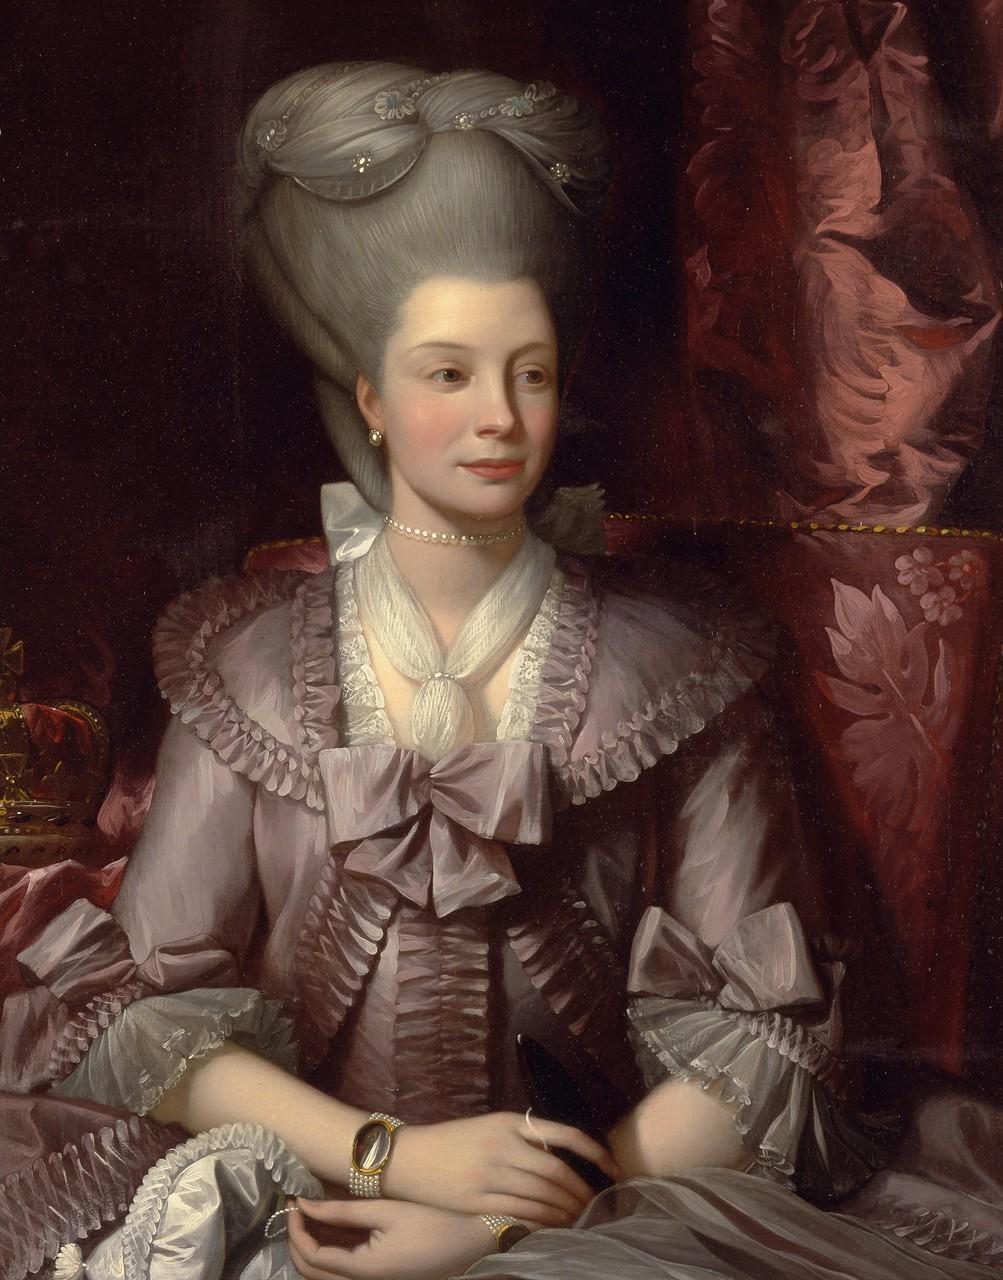 Благодаря королеве Шарлотте мир узнал о шпицах